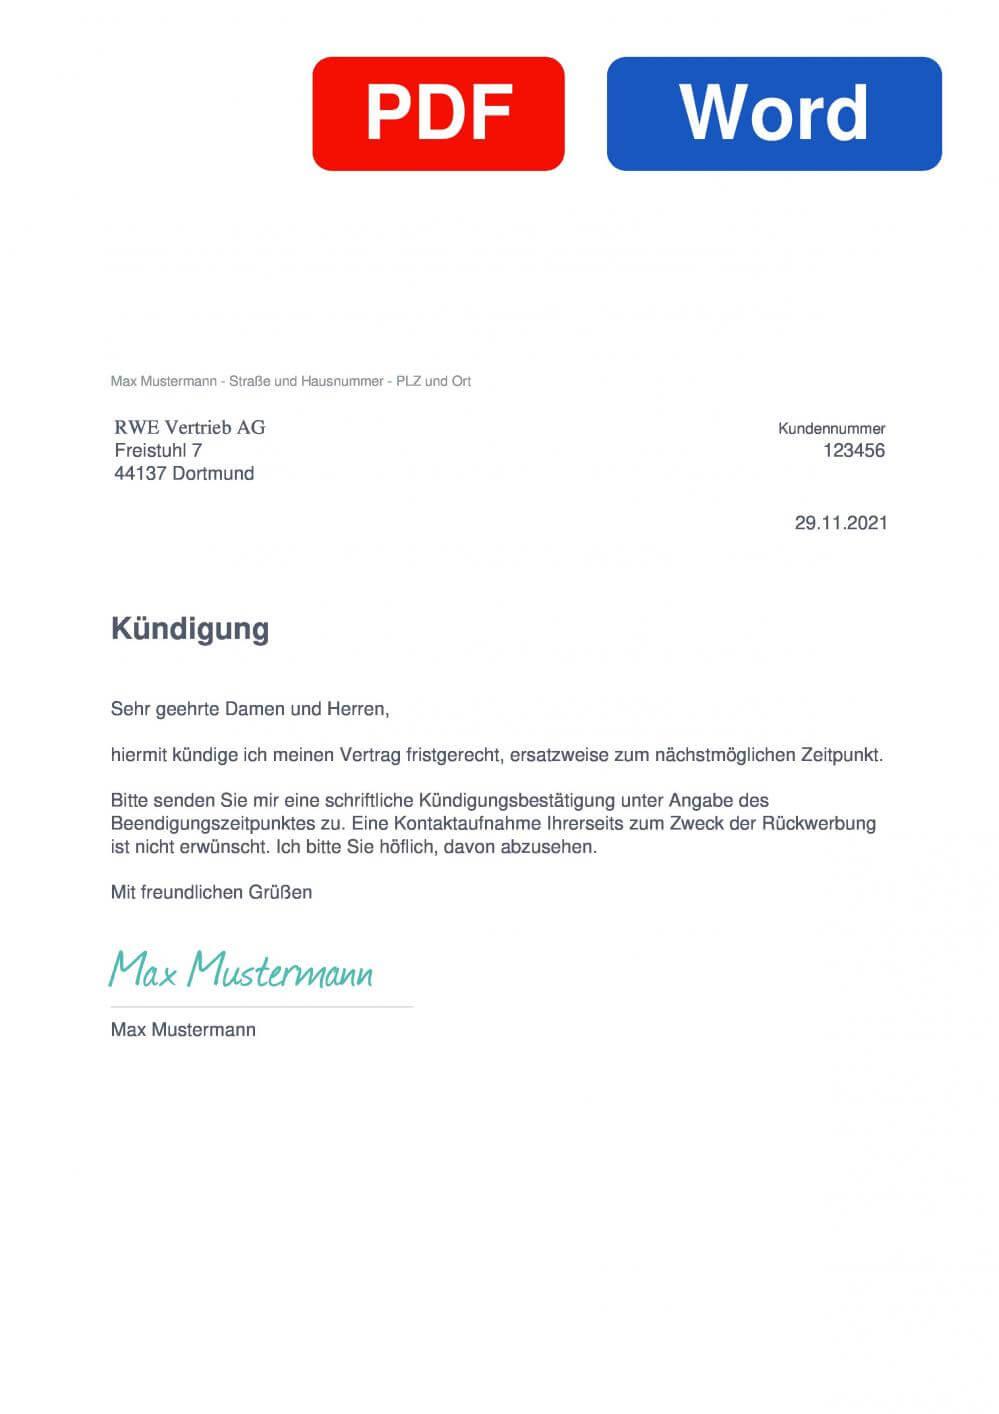 RWE Strom Muster Vorlage für Kündigungsschreiben